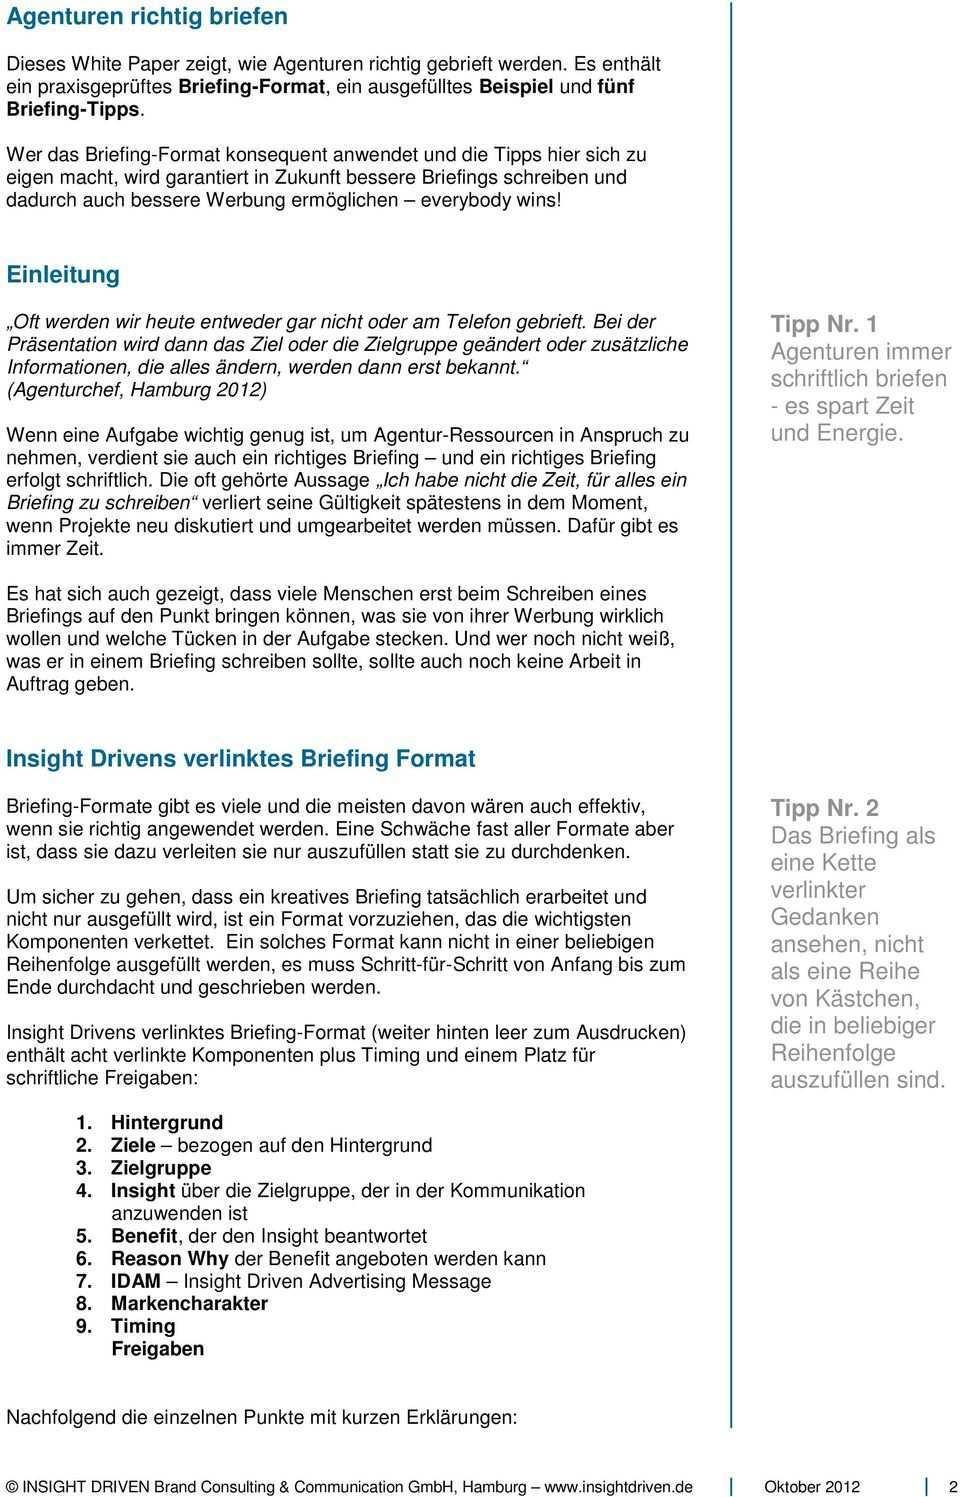 Agenturen Richtig Briefen Pdf Free Download